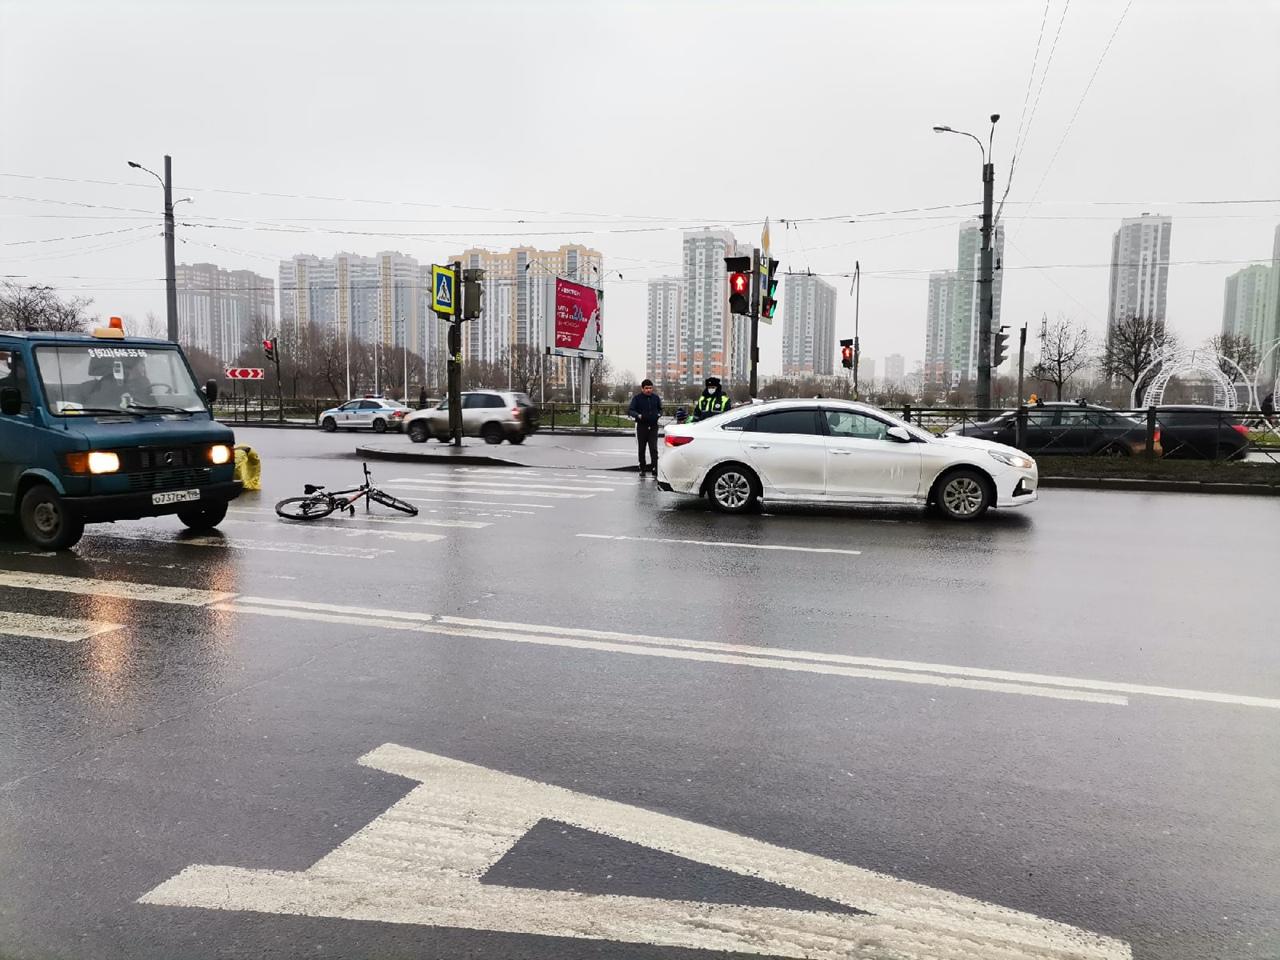 Таксист сбил доставщика еды на пешеходном переходе, через проспект Славы в створе Пражской улицы. Вс...